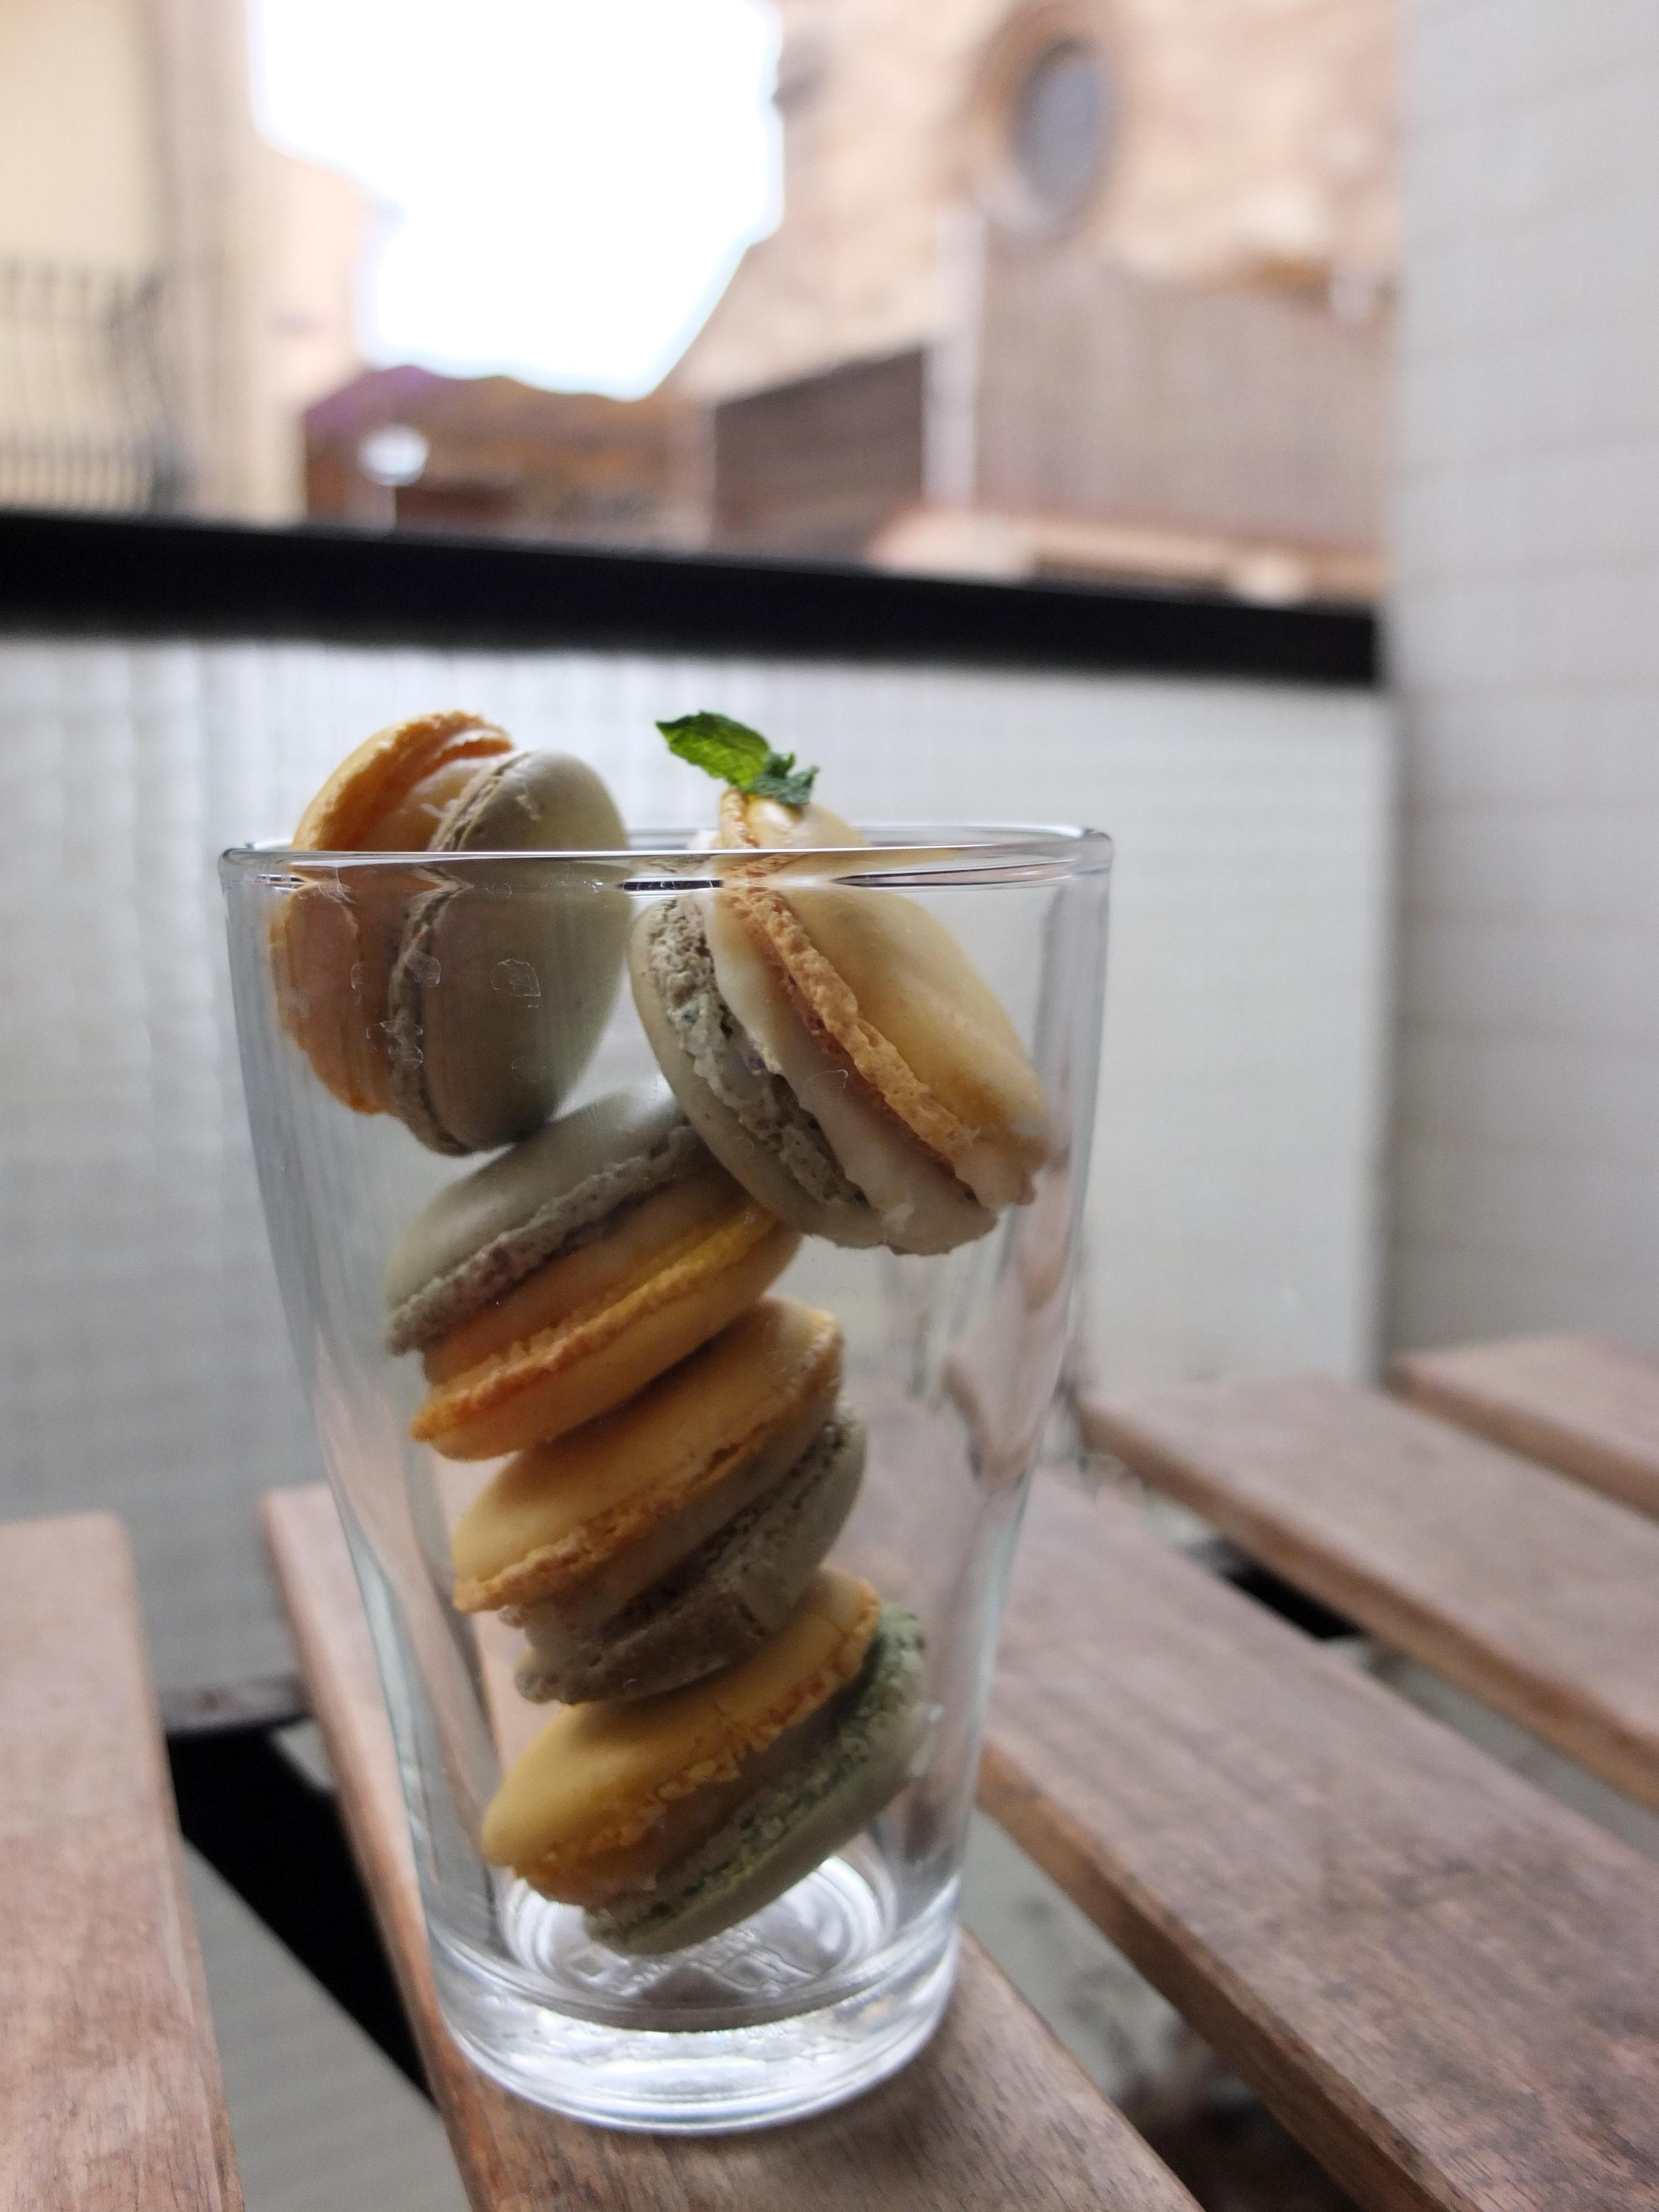 Mojito Macarons recipe con notas supplementarias en espaolingls